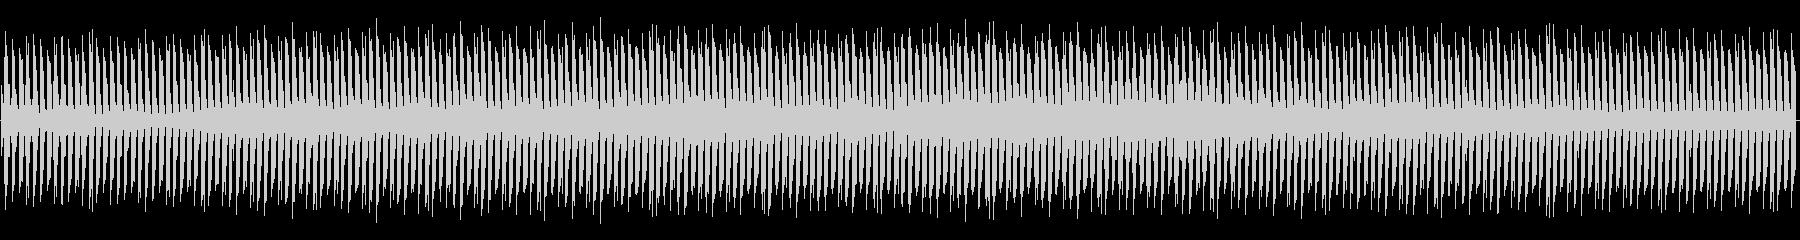 反復ピアノオクターブ。の未再生の波形